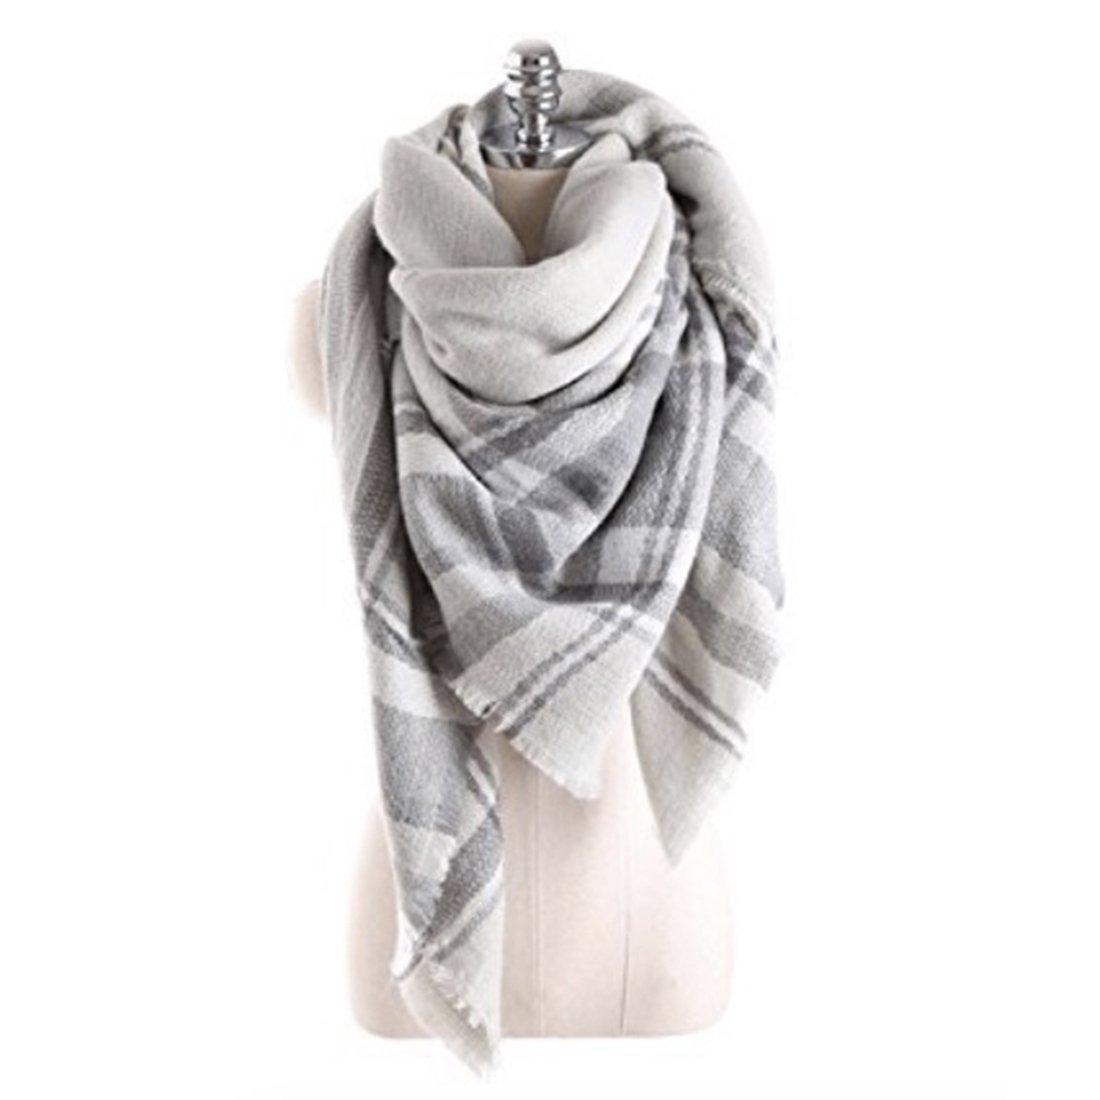 Women's Cozy Tartan Blanket Scarf Wrap Shawl Neck Stole Warm Plaid Checked Pashmina (Grey White)